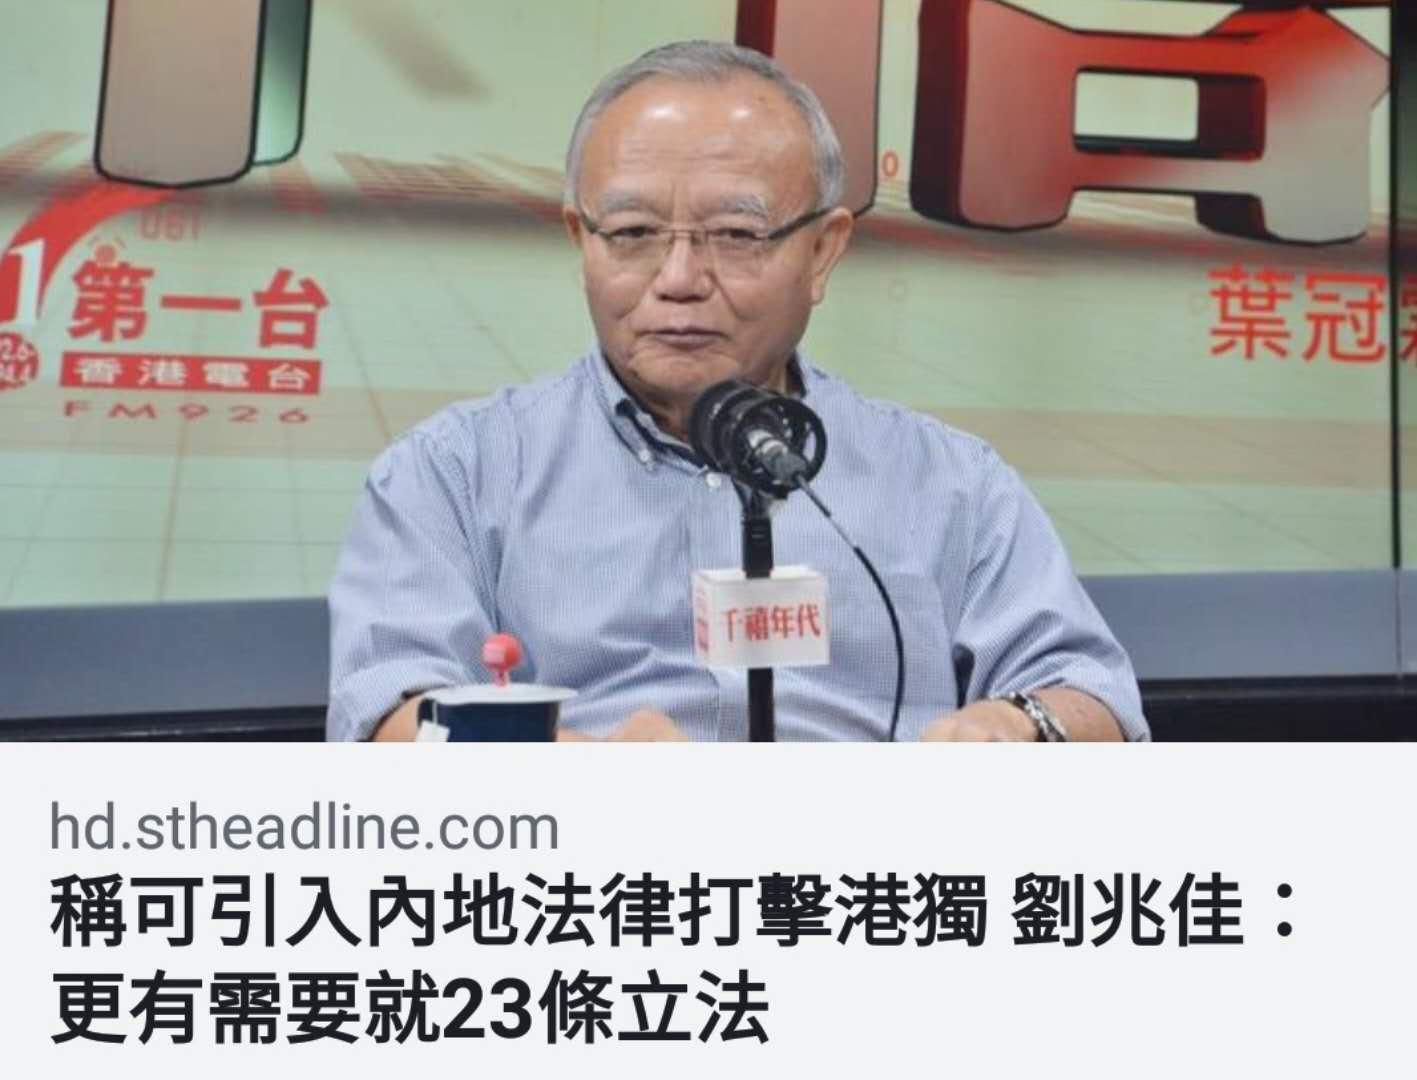 劉兆佳稱可引入內地法律打擊港獨